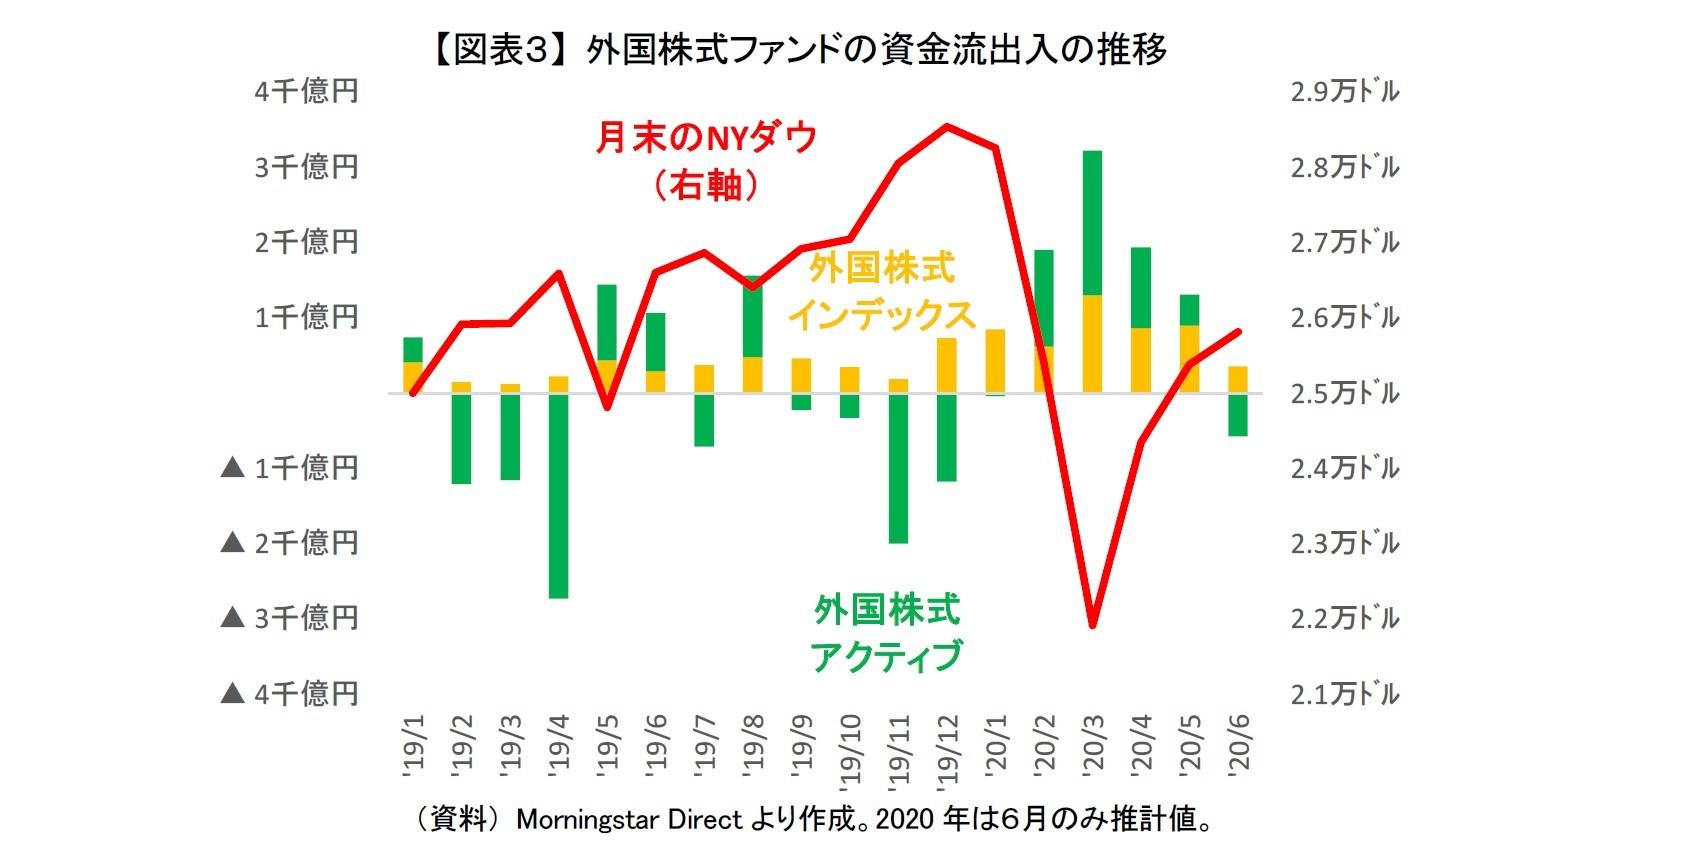 【図表3】 外国株式ファンドの資金流出入の推移